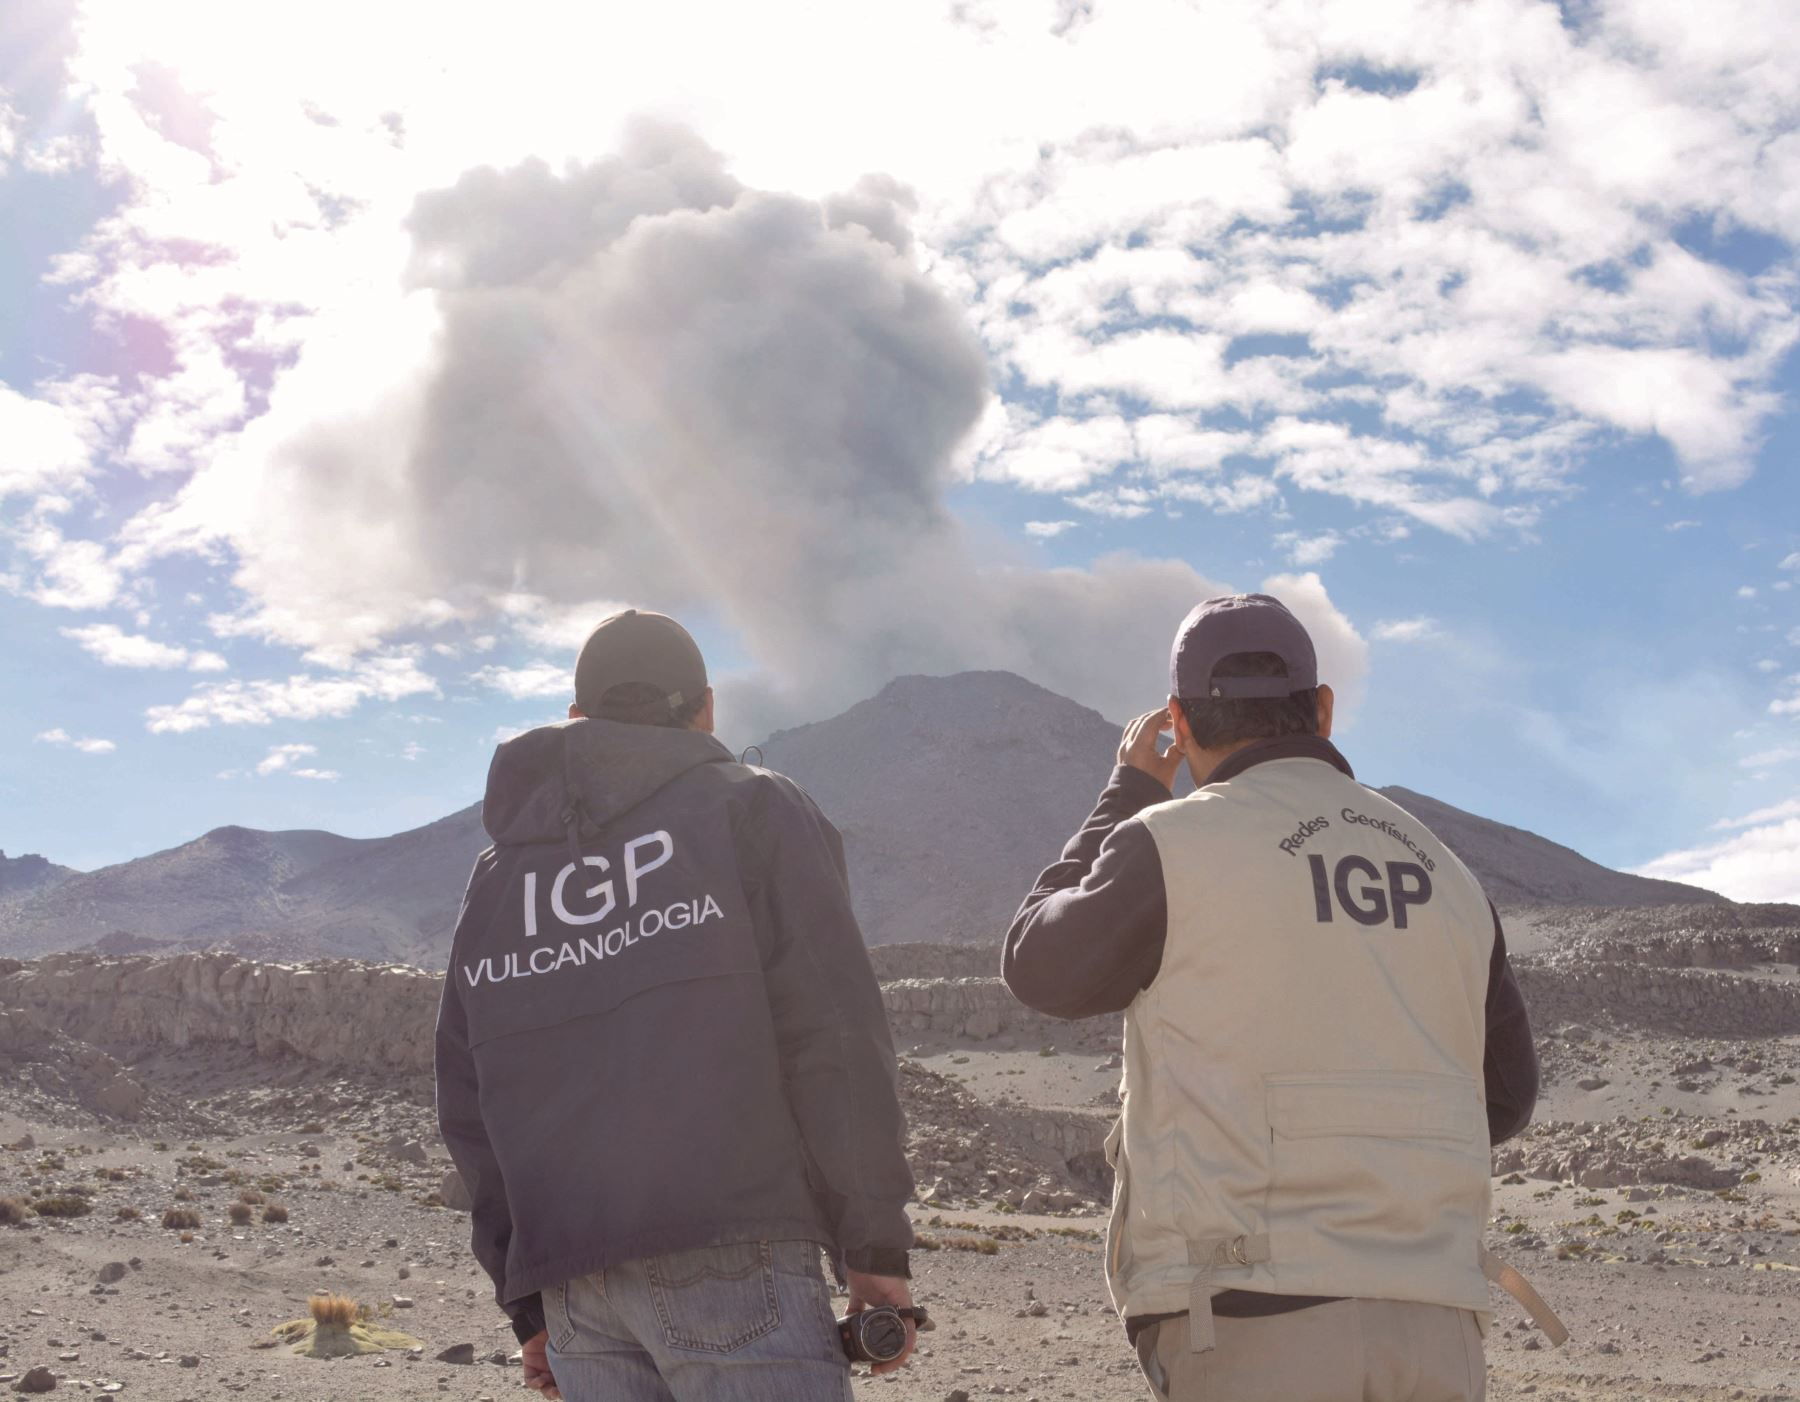 IGP reporta un descenso en la actividad de los volcanes ubicados en Moquegua, como el Ubinas, y cambia el nivel de alerta.